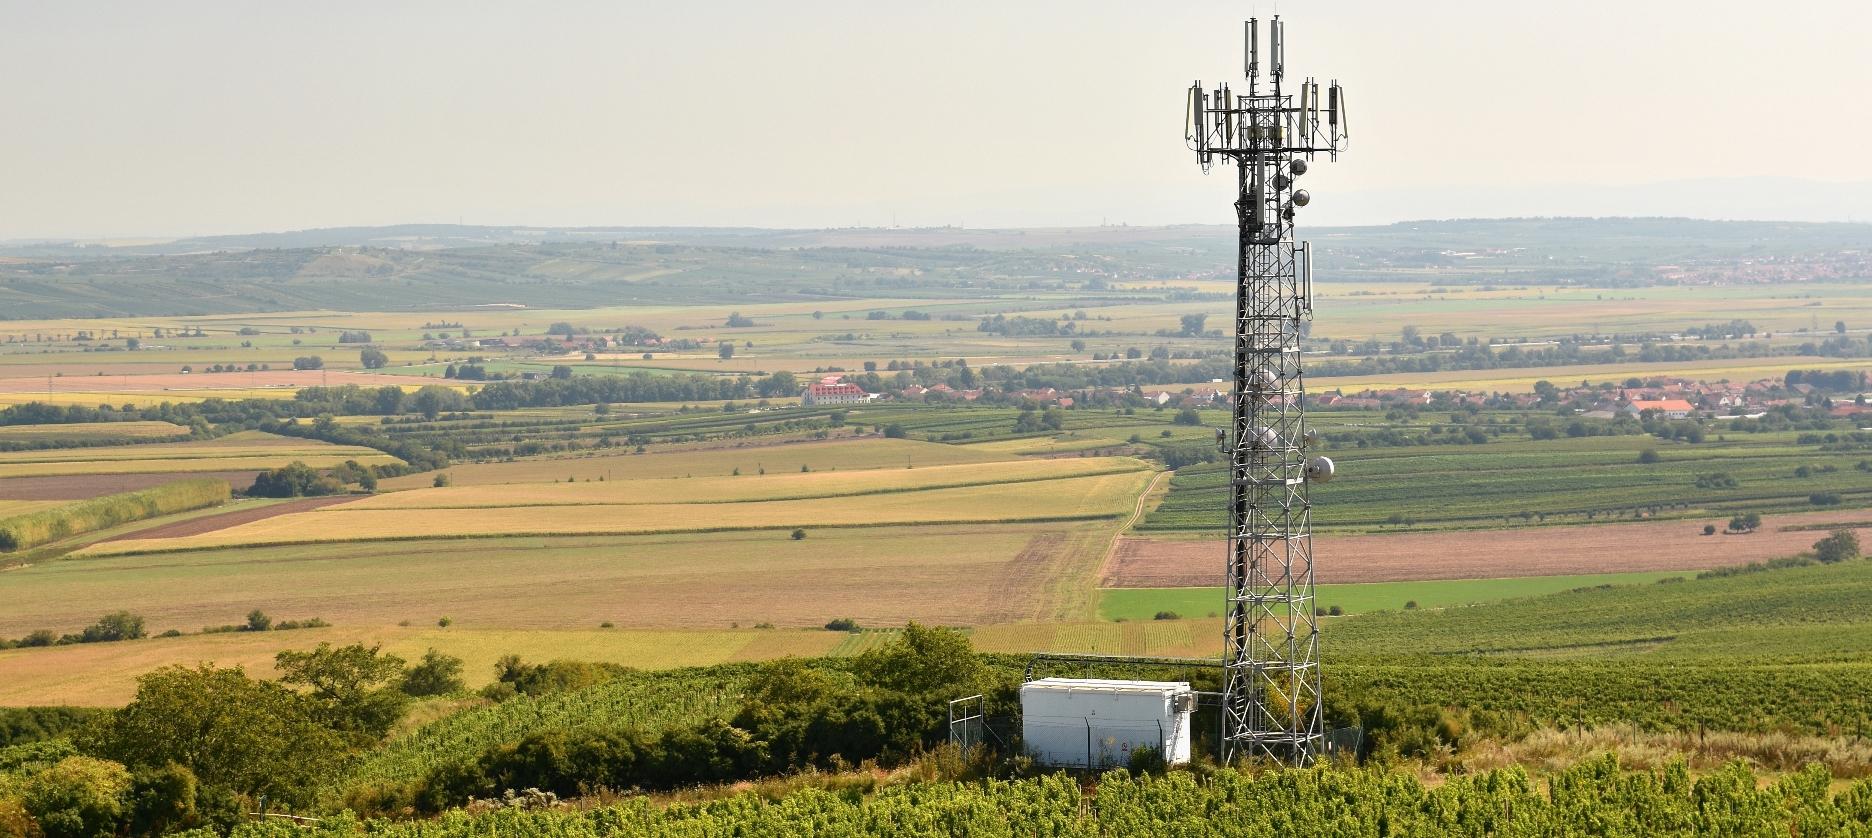 telephone mast image